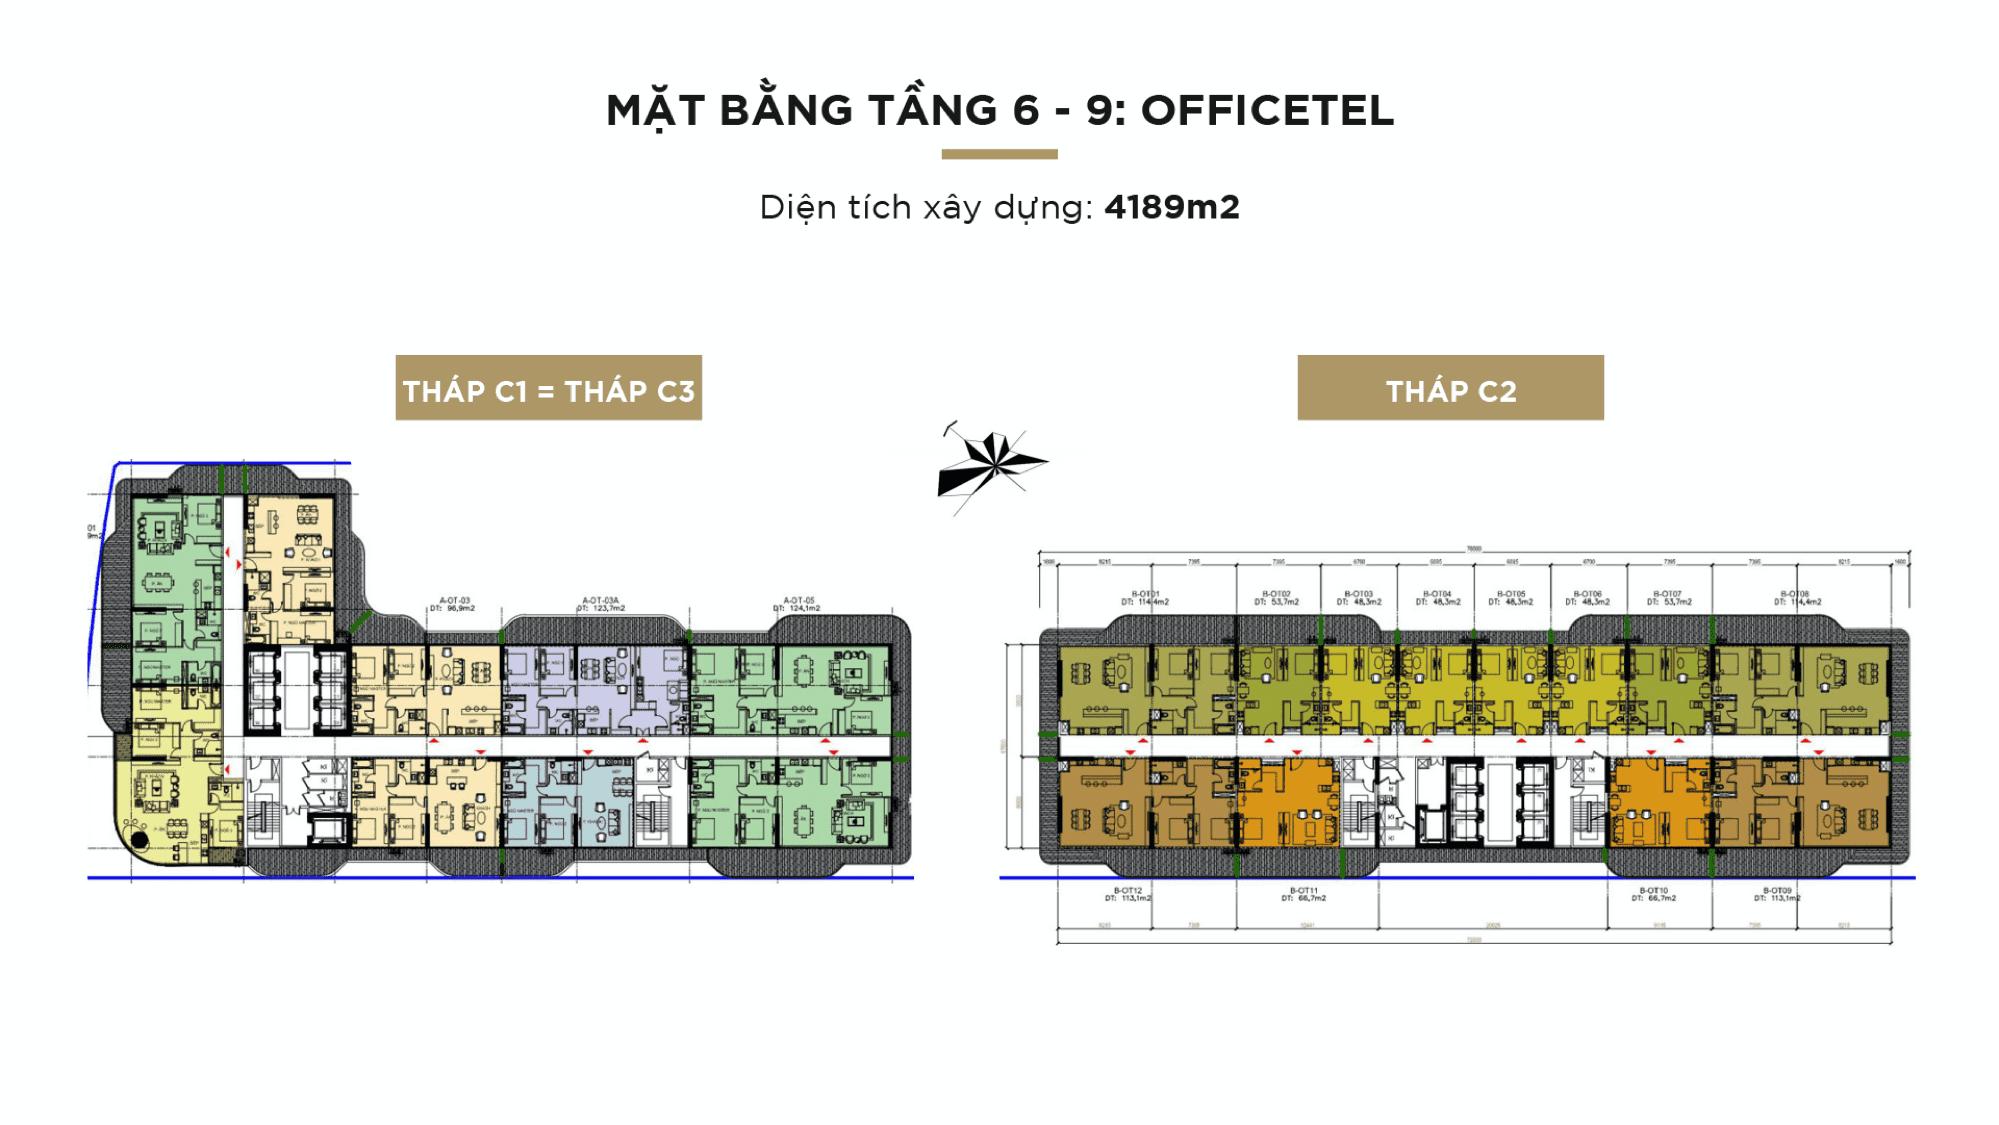 mat-bang-sunshine-continental-tang6-9.png